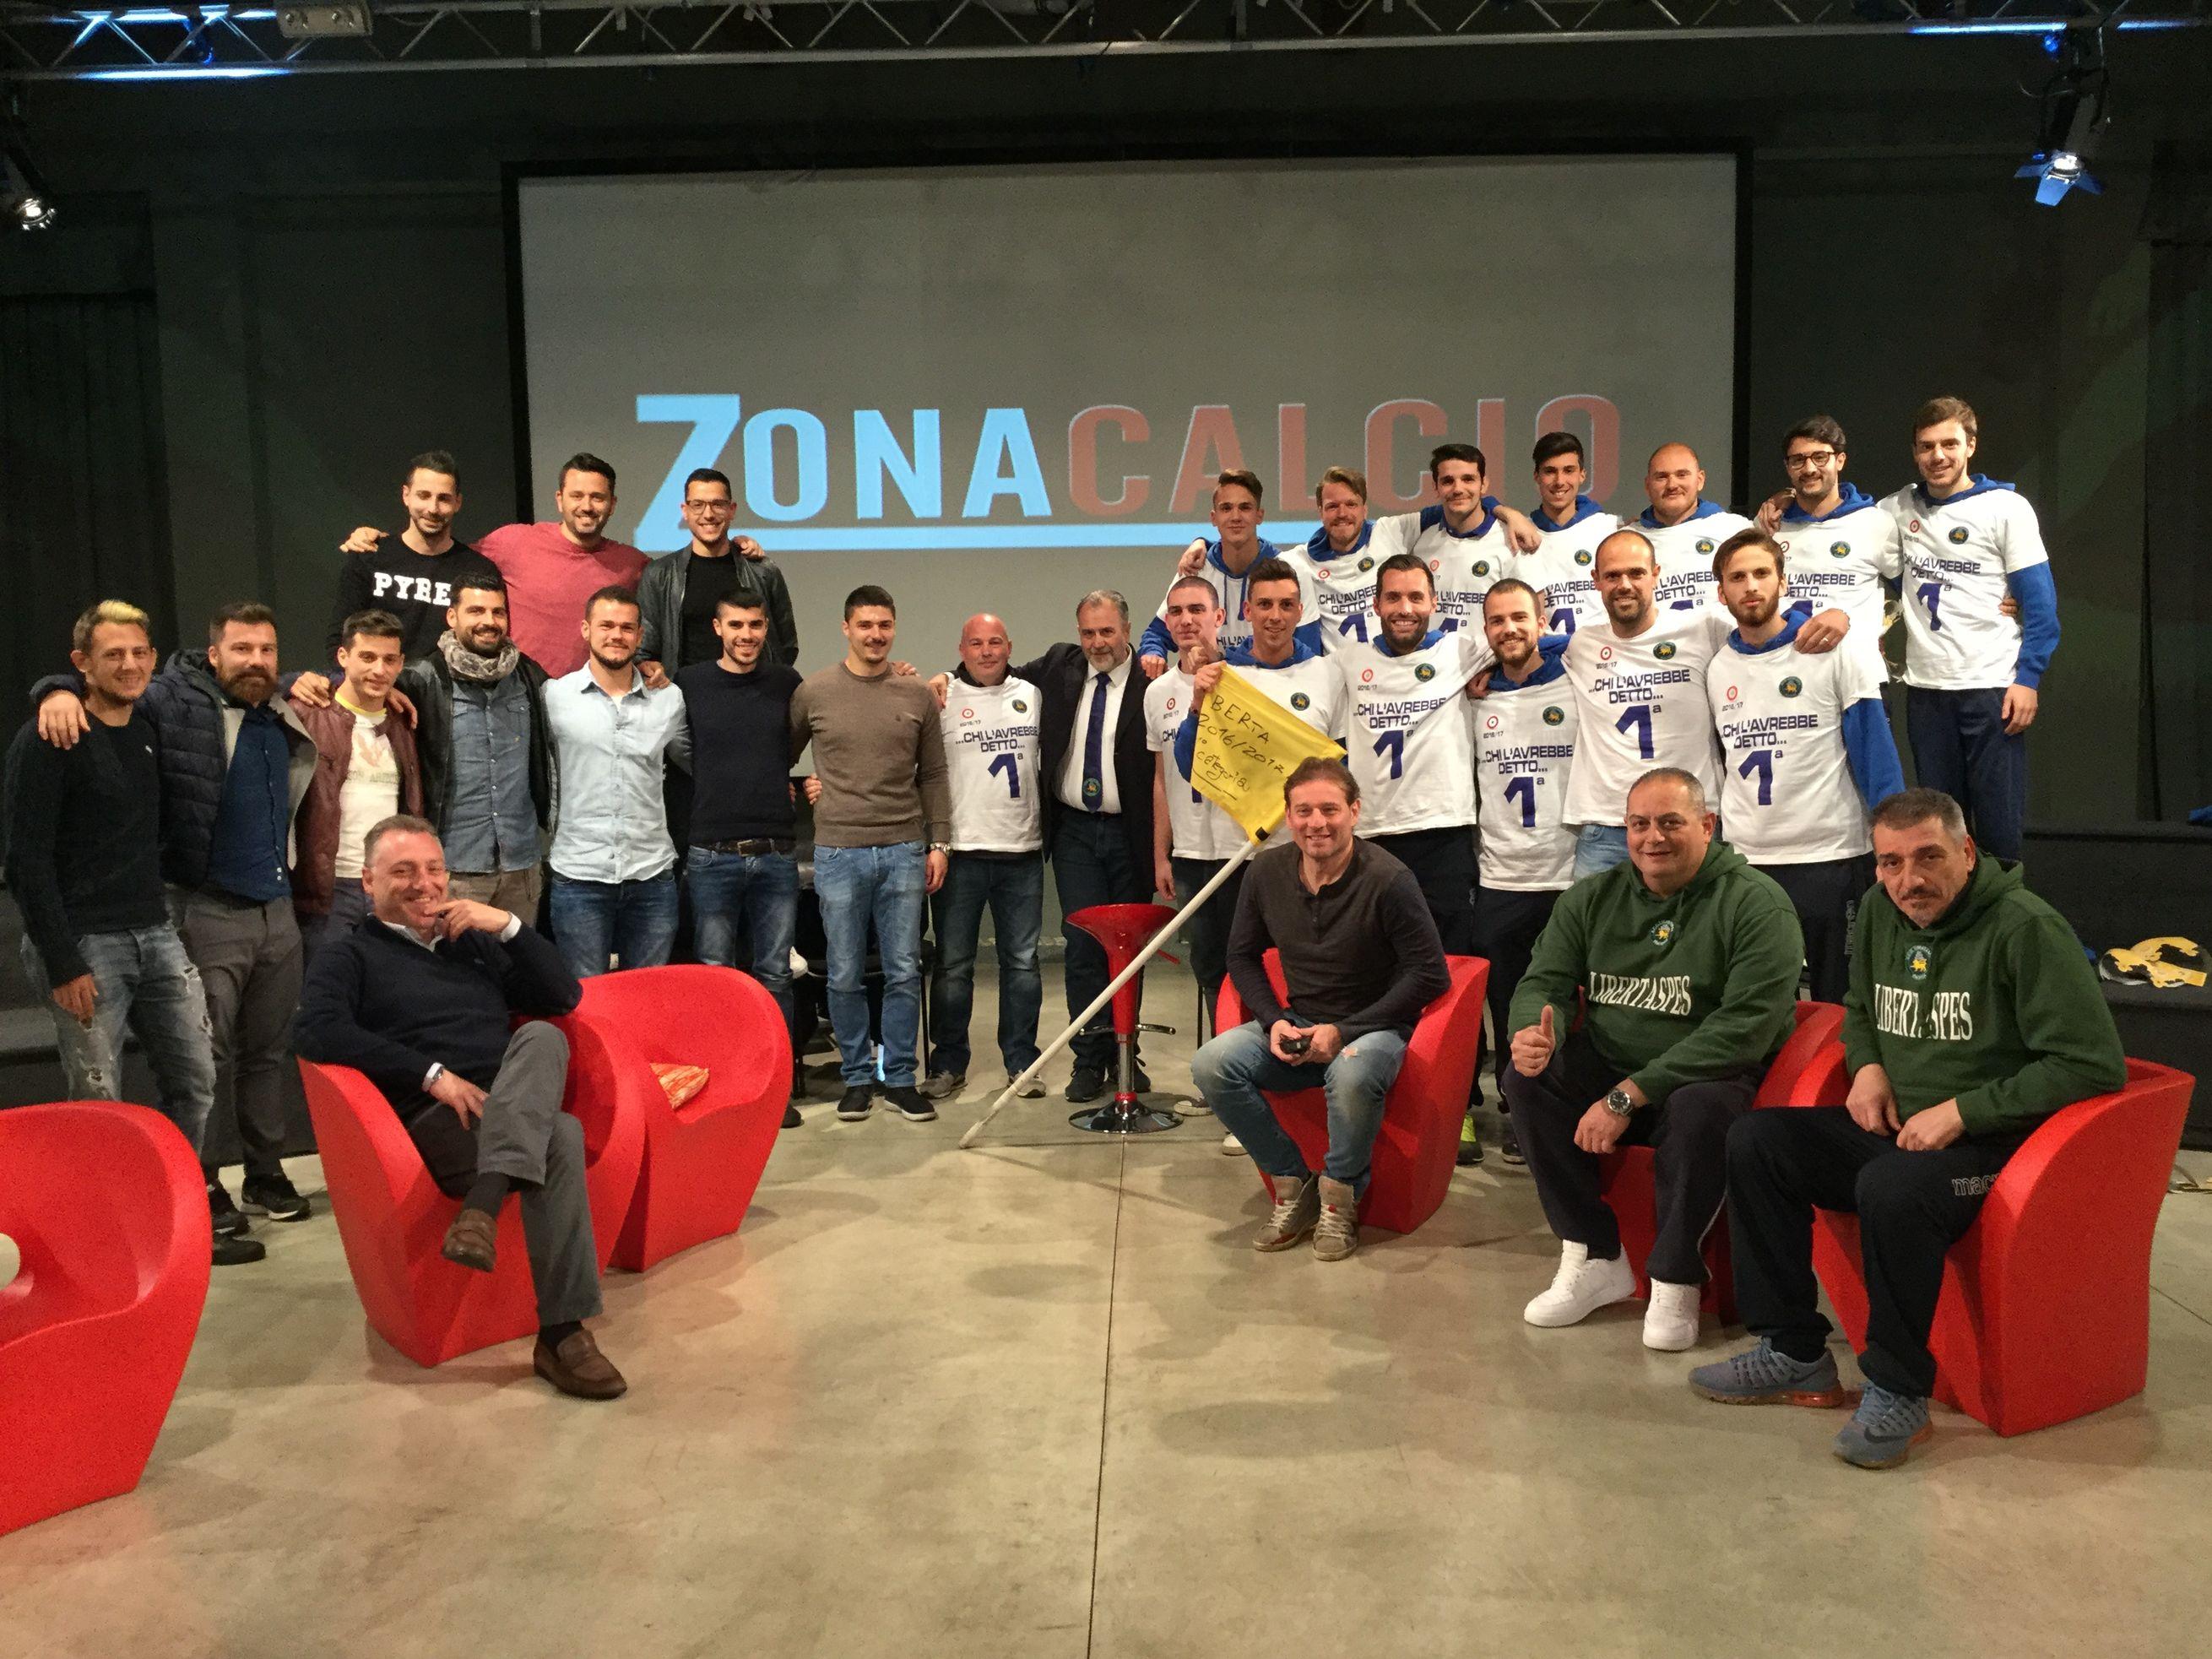 Le regine a Zona Calcio: Rottofreno e LibertaSpes festeggiano a Telelibertà